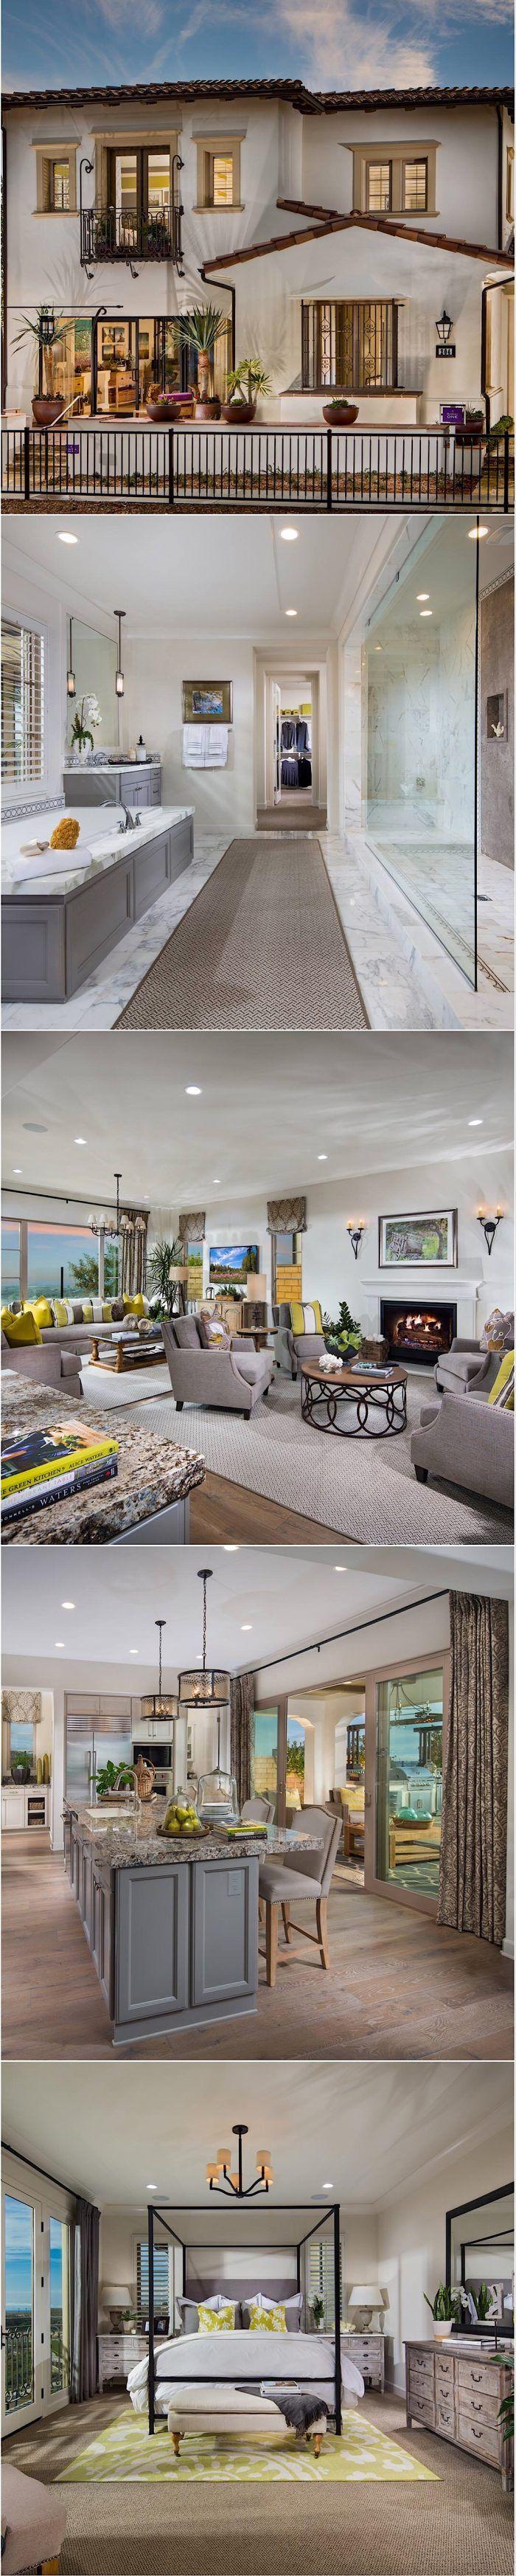 Taylor Morrison New Homes Walkthrough | Modernes Wohnen, Träume Und  Wohnideen